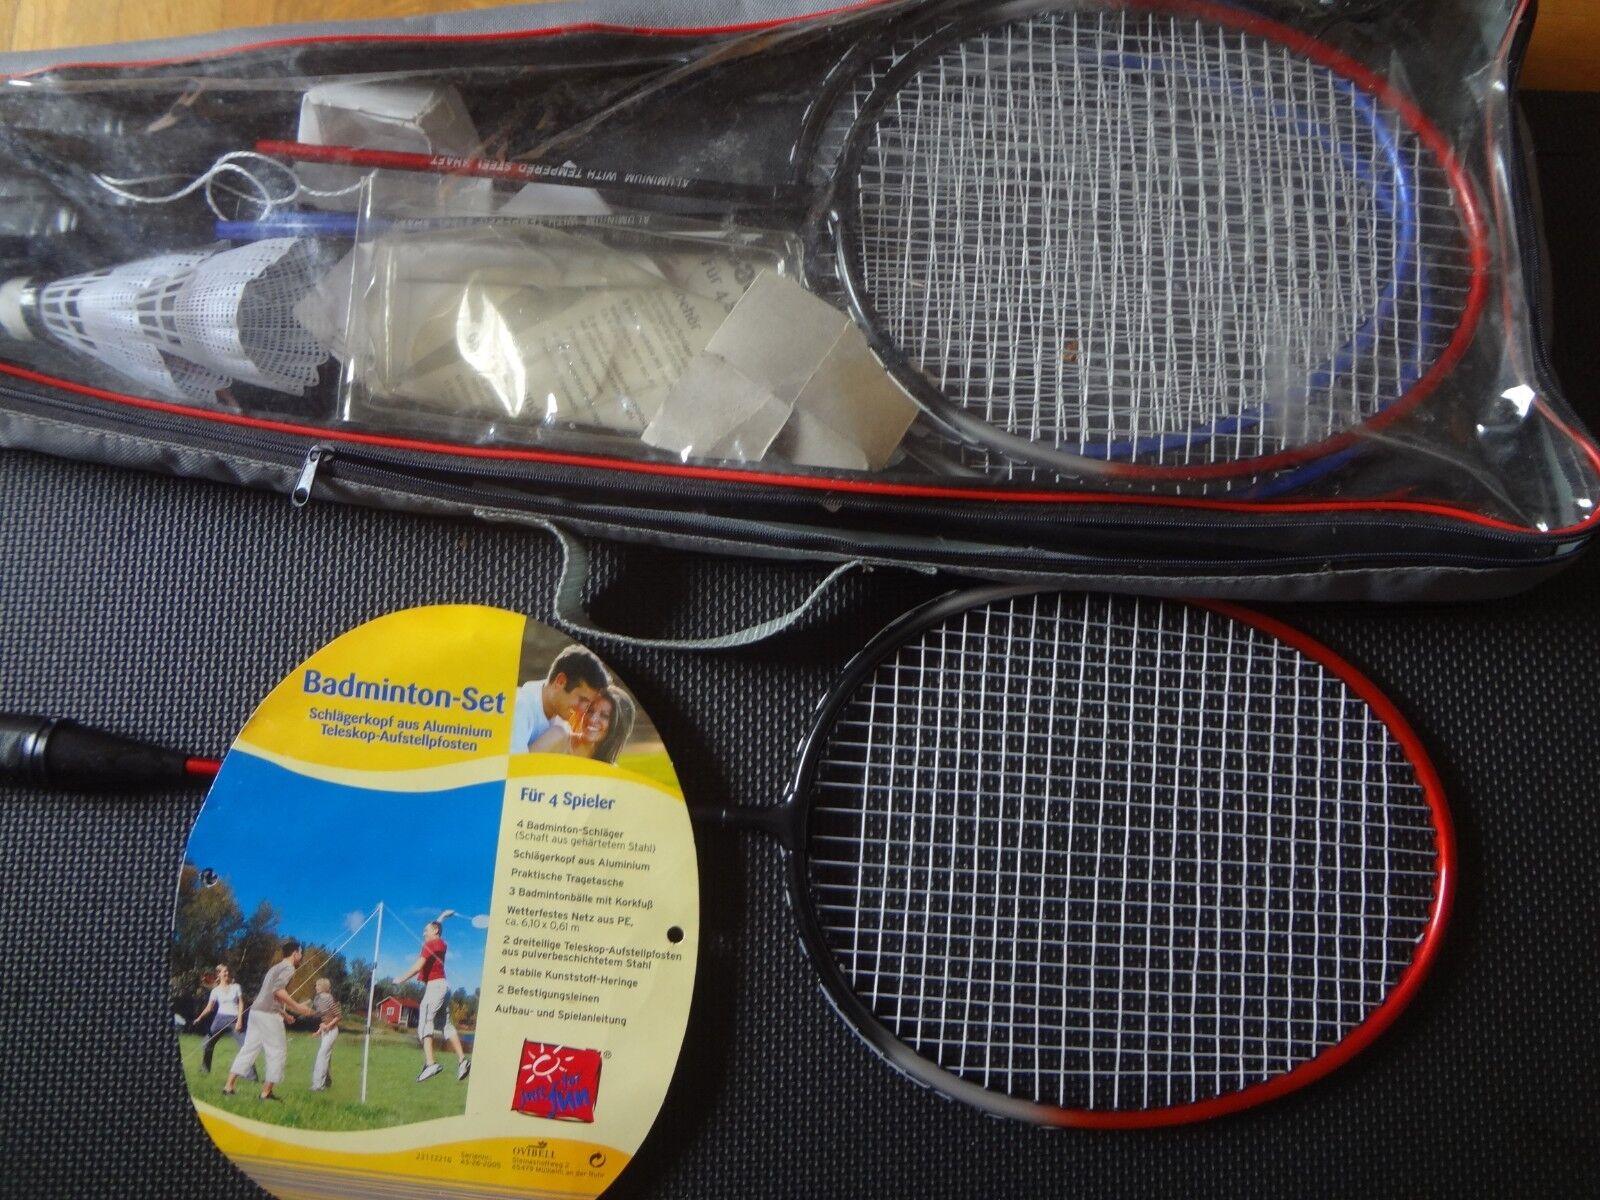 Sports Badminton Schläger Netz und Bälle Federball Komplett Set 4 Spieler